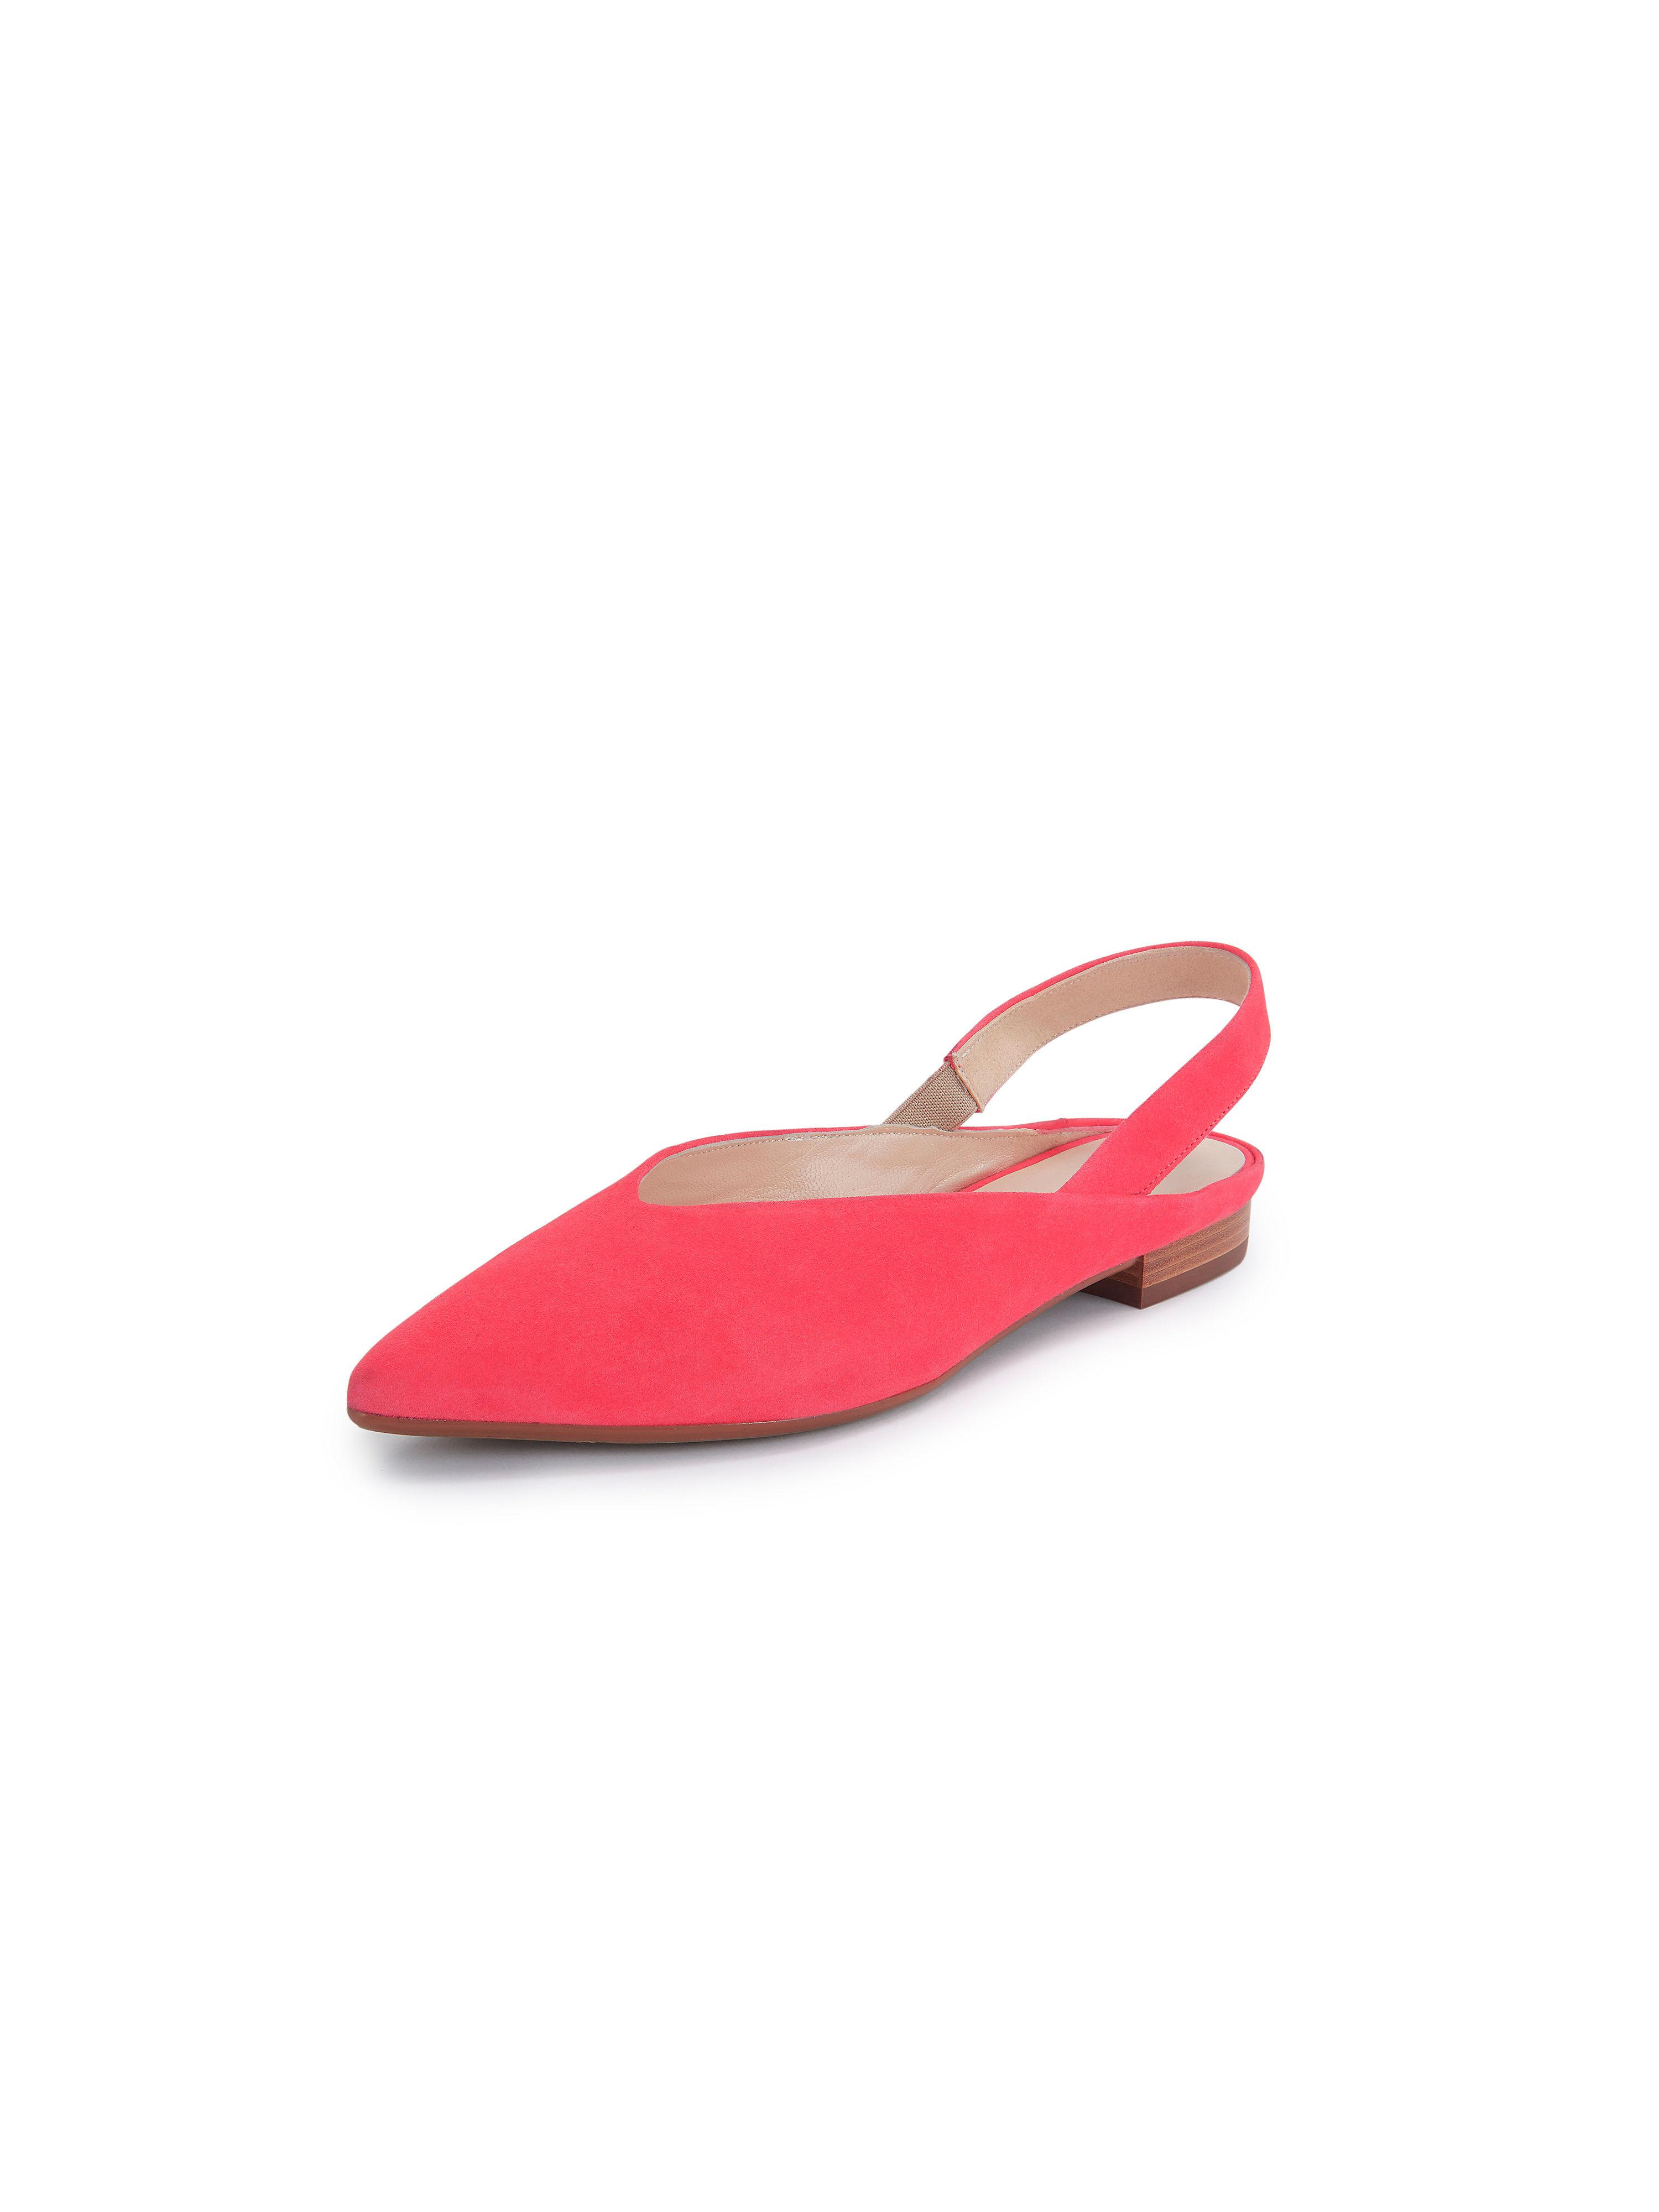 Sling-Ballerina Peter Kaiser pink | Schuhe > Ballerinas | Peter Kaiser